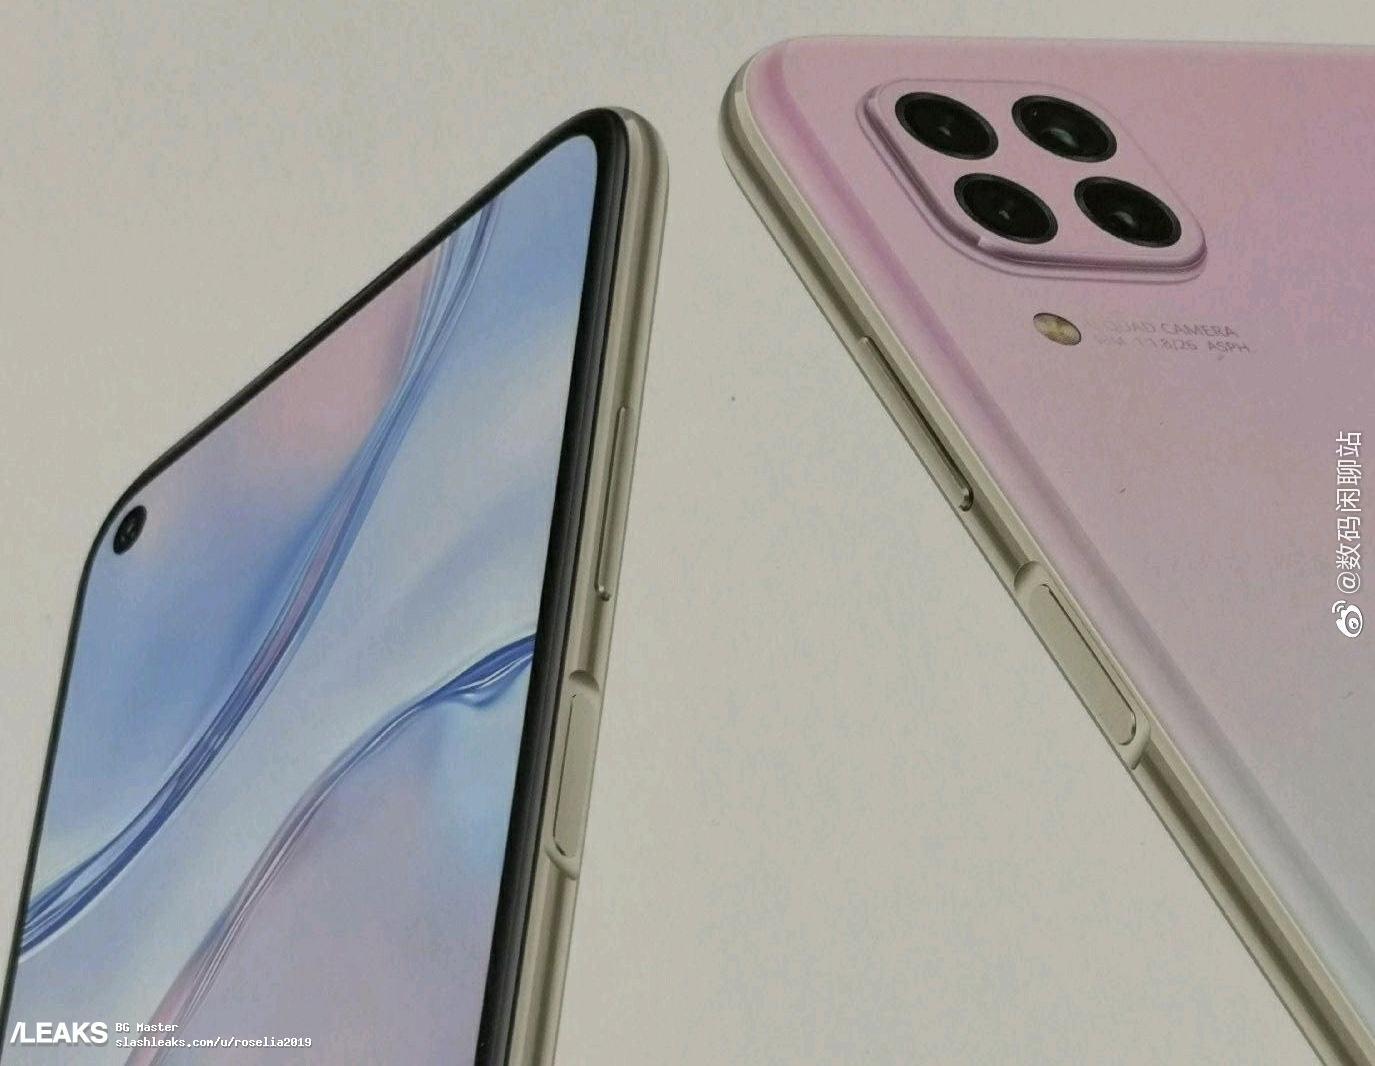 Huawei представила смартфон Nova 6 SE - самый бюджетный вариант из линейки Nova 6 (huawei nova 6 se first look leaks large)